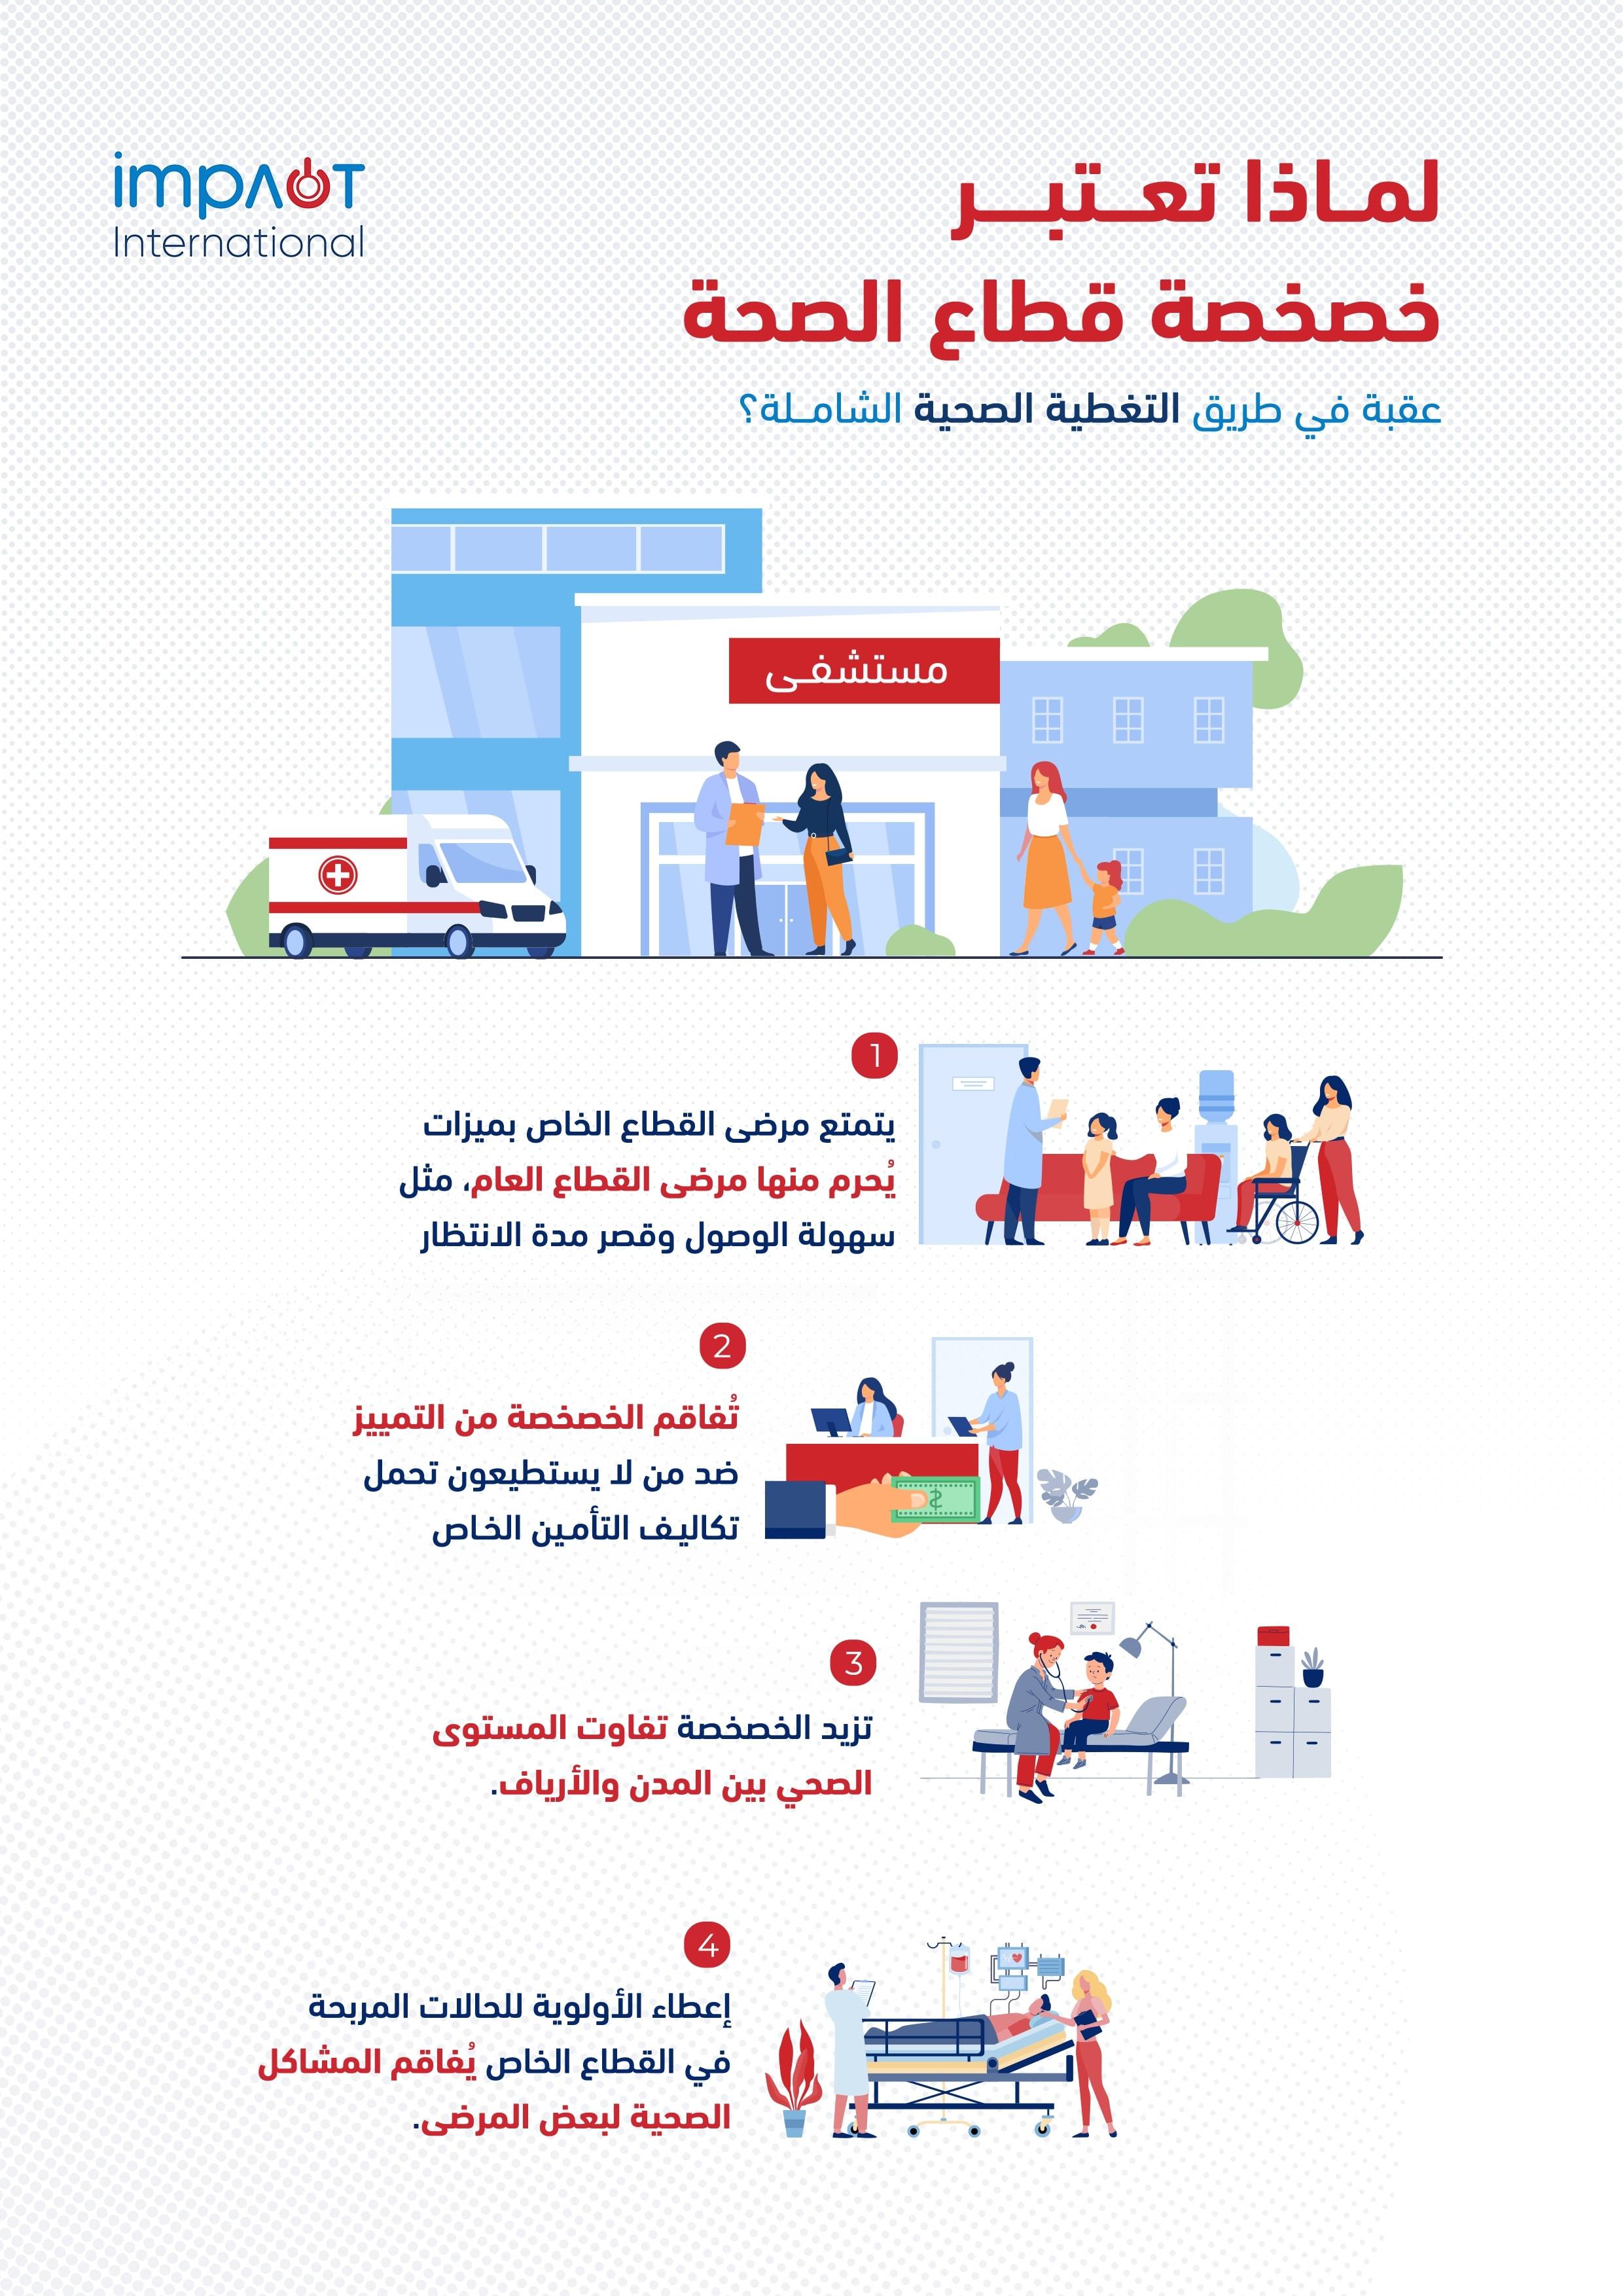 لماذا تعتبر خصخصة القطاع الصحي عقبة في طريق التغطية الصحية الشاملة ؟